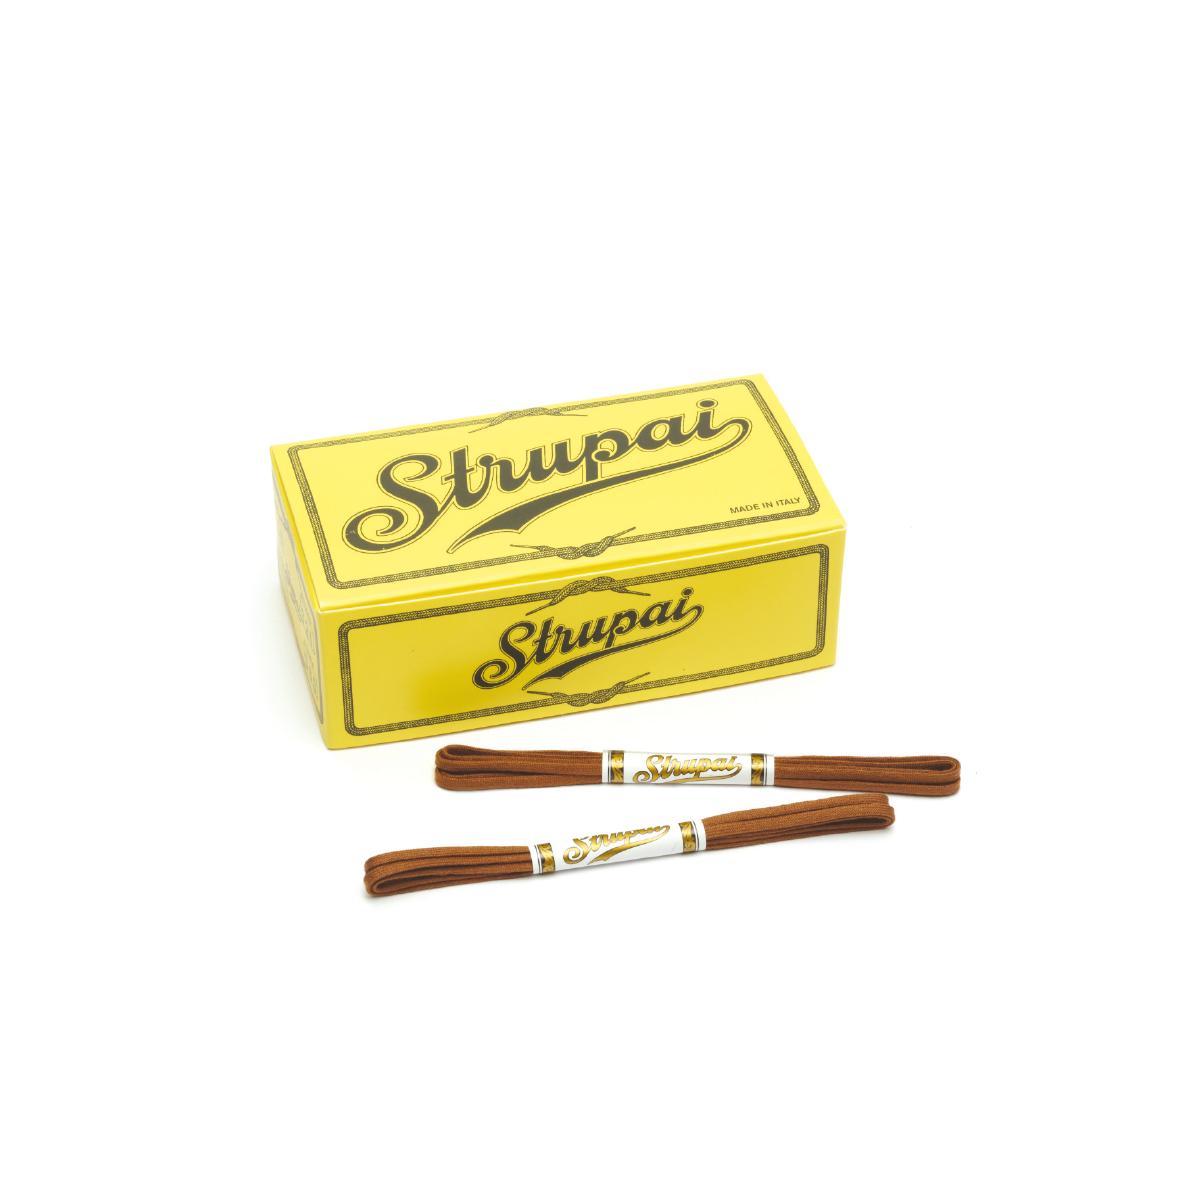 Stringhe Strupai - box